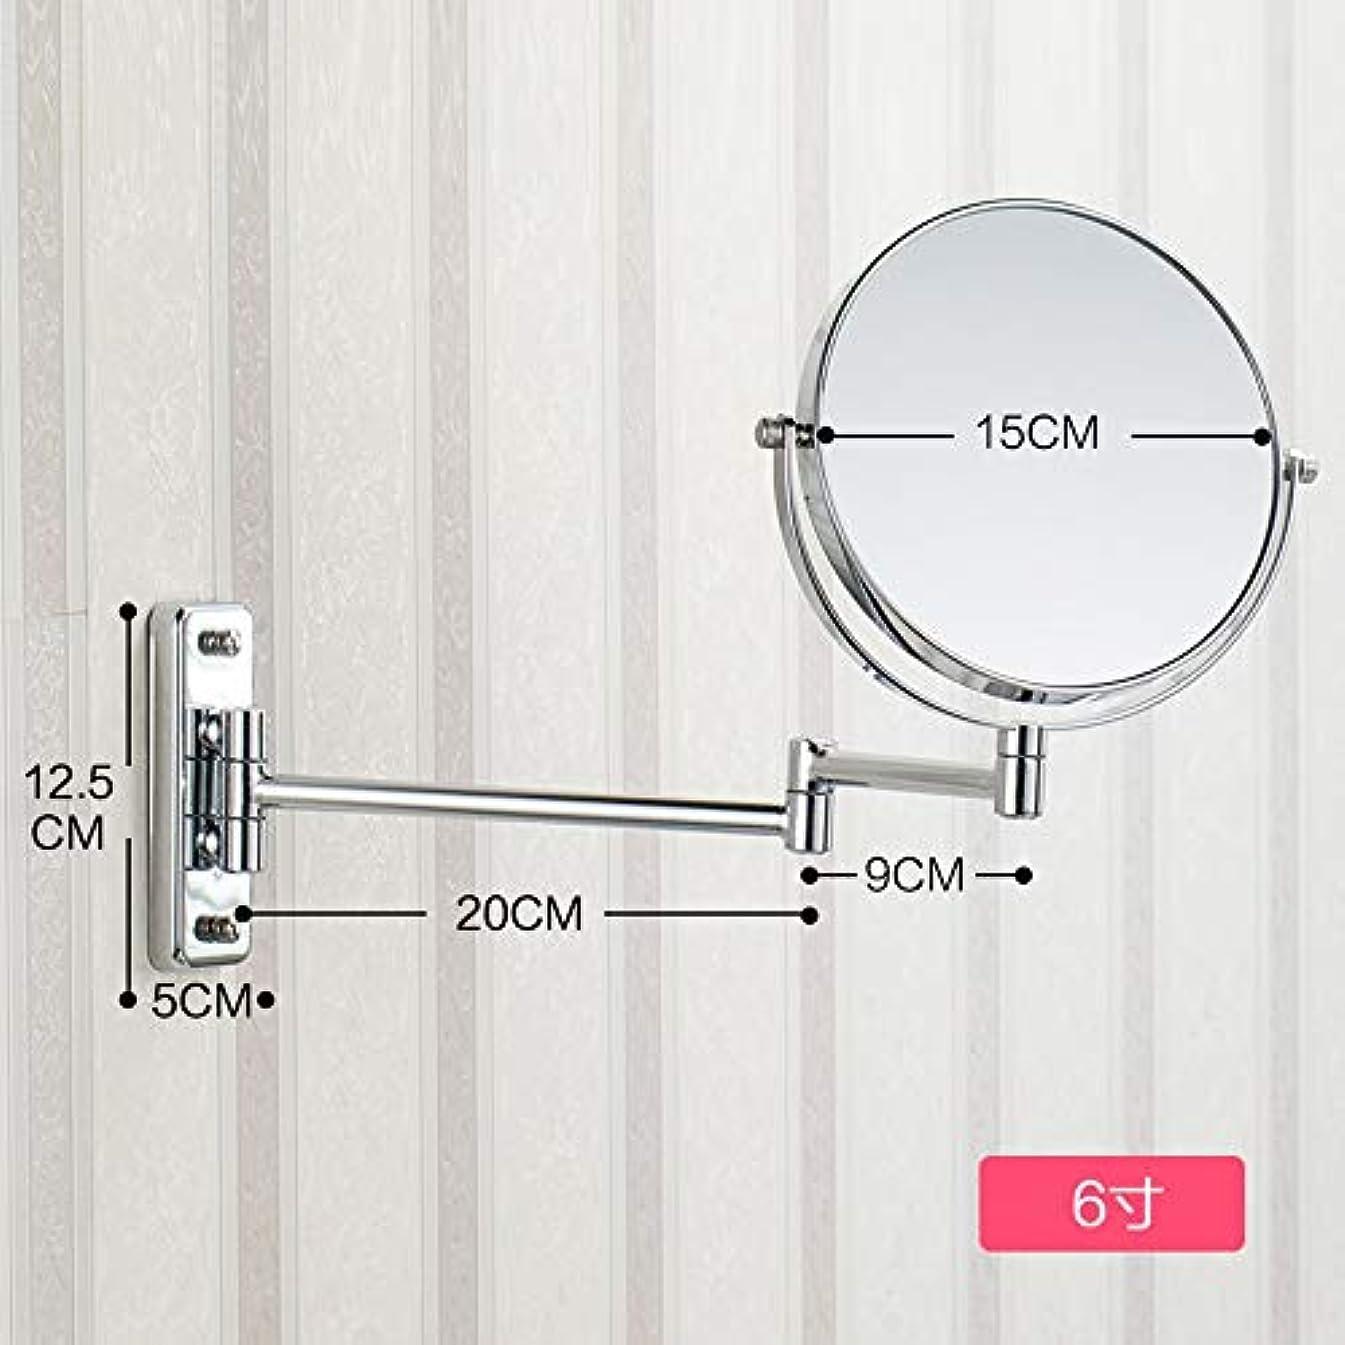 悪化する持つ心配する照明付き化粧鏡 8.66インチ3倍拡大壁マウント化粧鏡バスルームミラー両面回転ポリッシュクローム仕上げ 化粧鏡 (Size : 6 inches 3X)